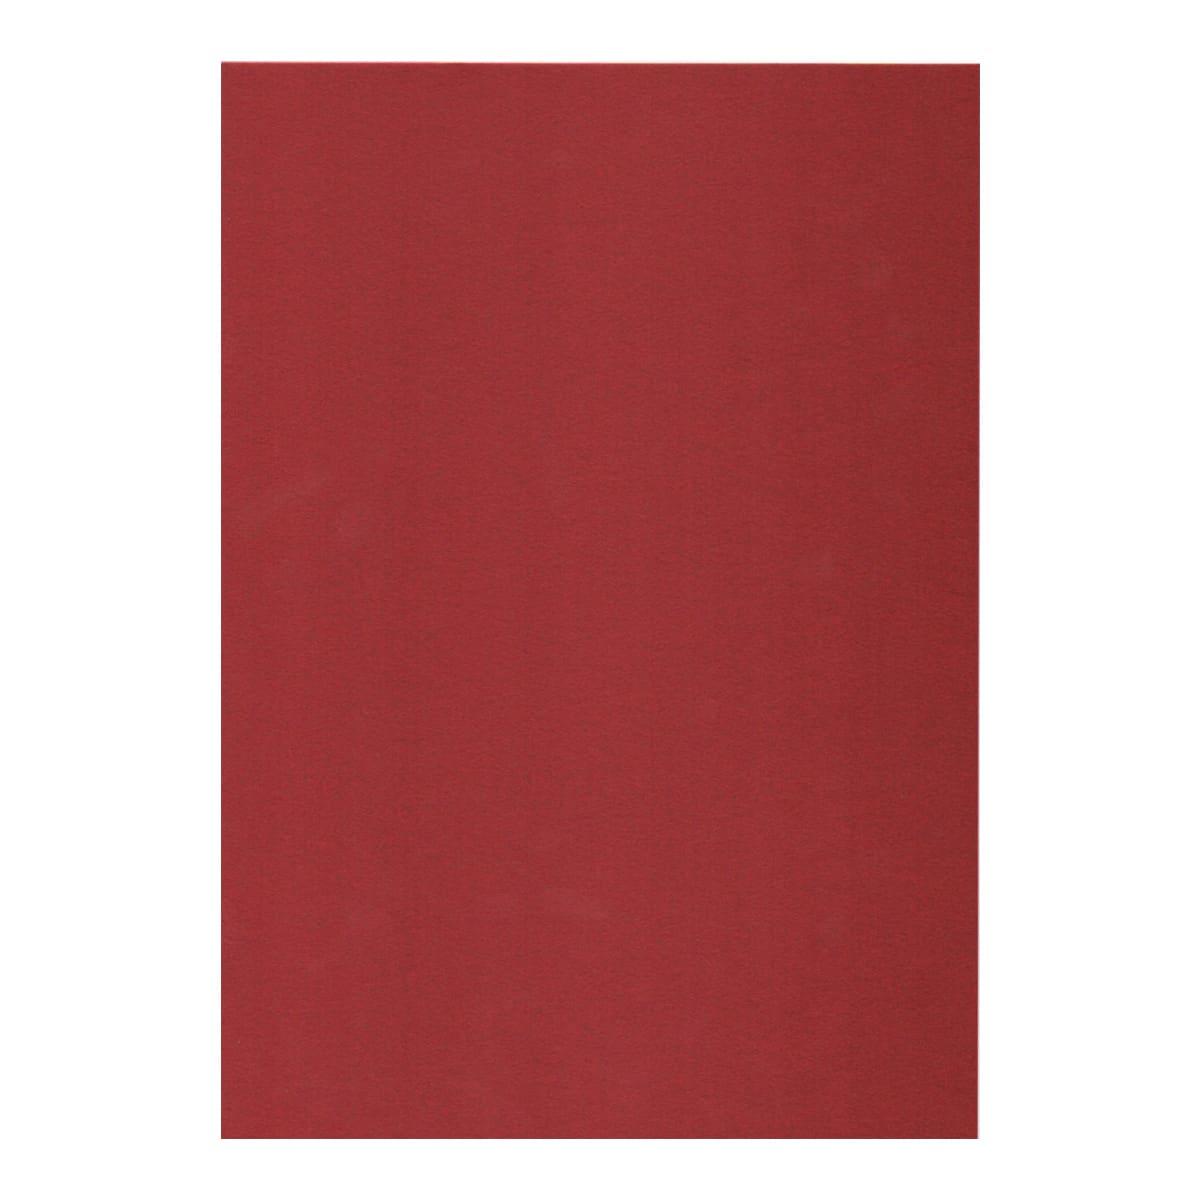 A3 CURIOUS METALLICS RED MAGMA IRIDESCENT CARD (300gsm)